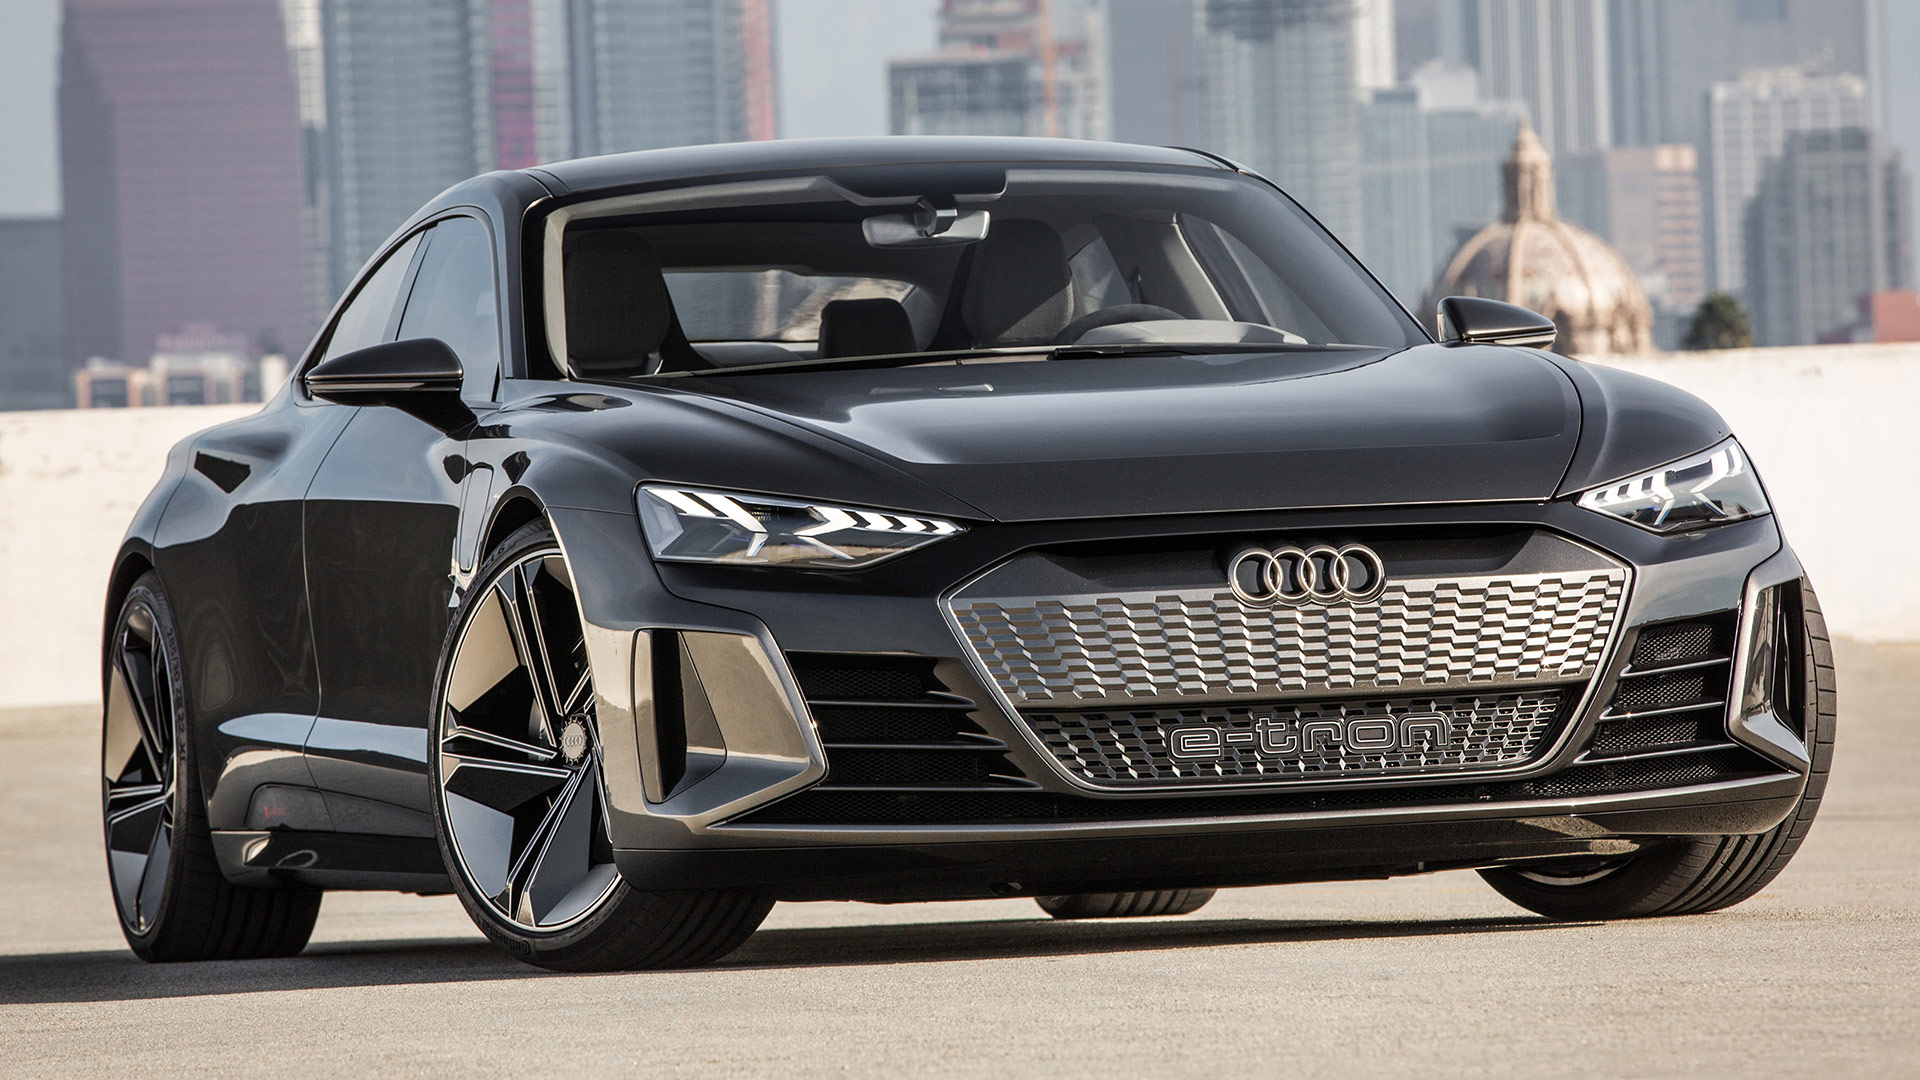 Direktno poređenje – Audi e-tron GT vs Tesla Model S